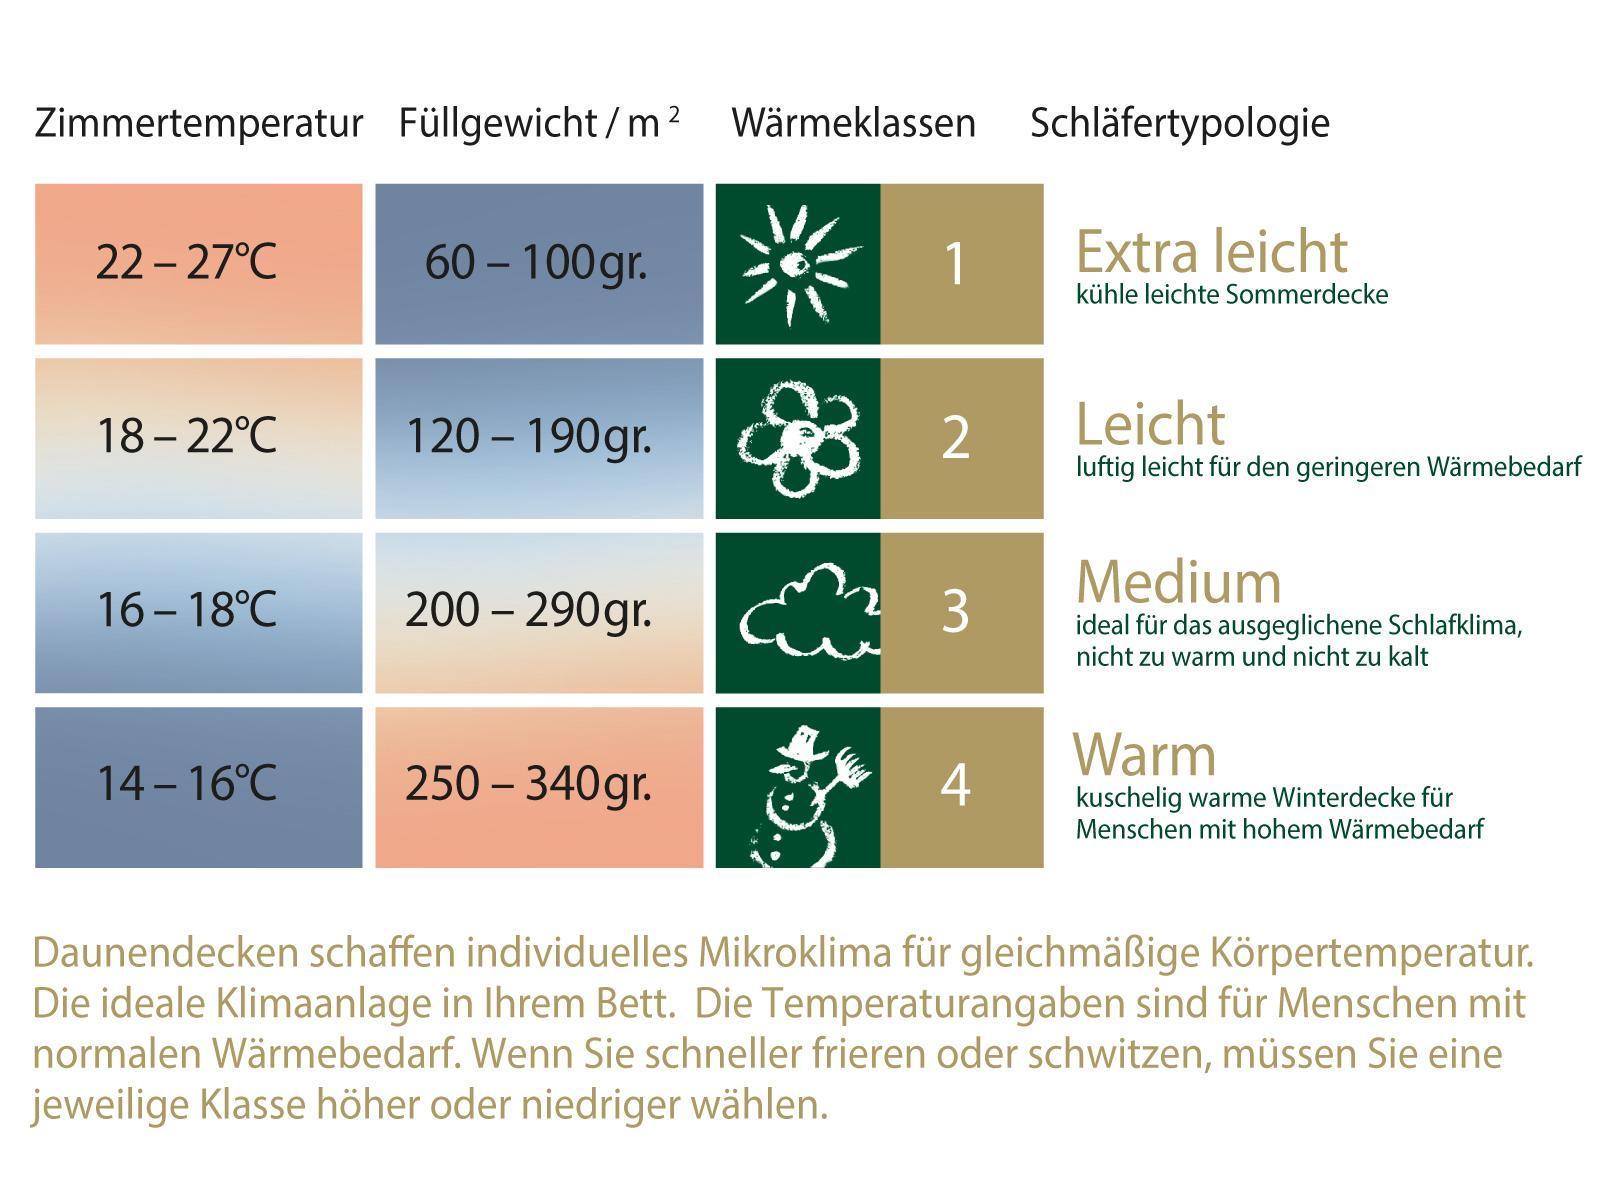 Daunenbettdecke 90% neue weiße Daunen Oldenburg Baumwolle HANSKRUCHEN – Bild 2